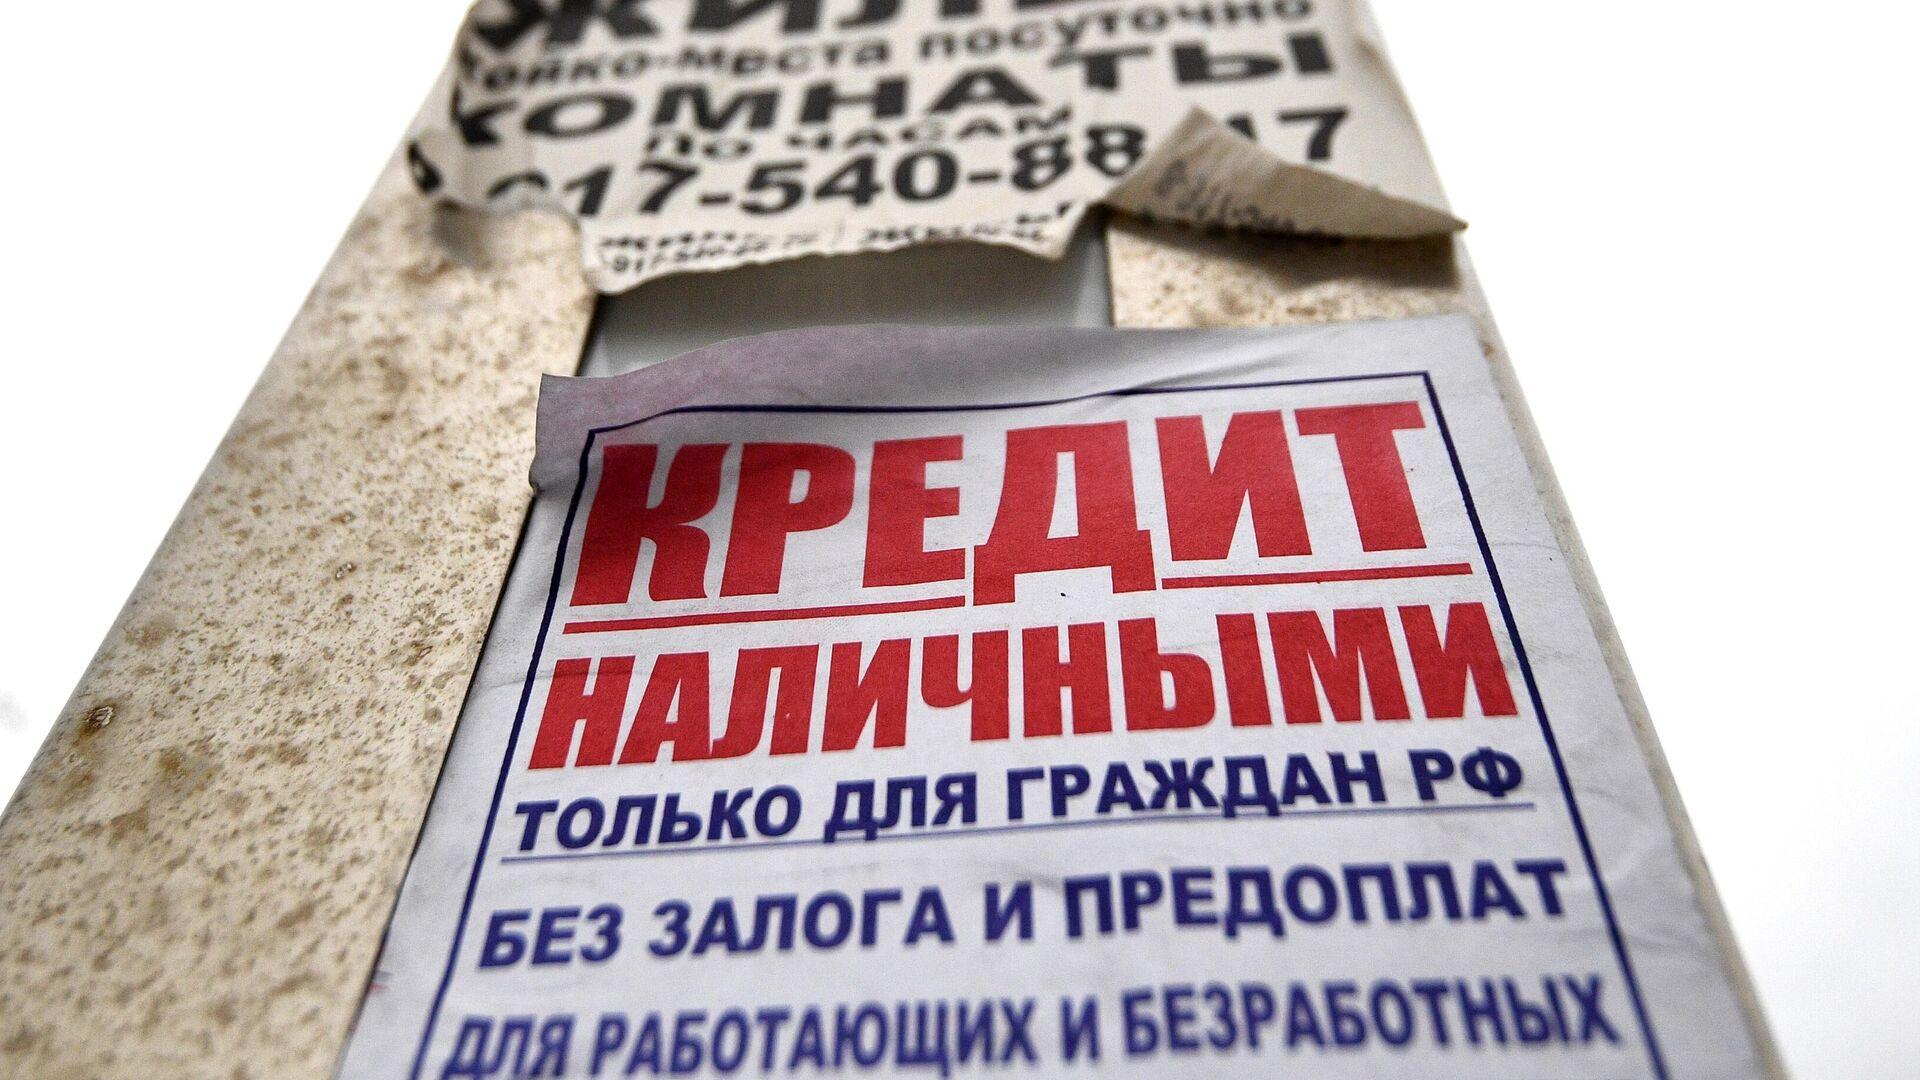 Объявления о кредитах на улице Москвы - РИА Новости, 1920, 03.05.2021